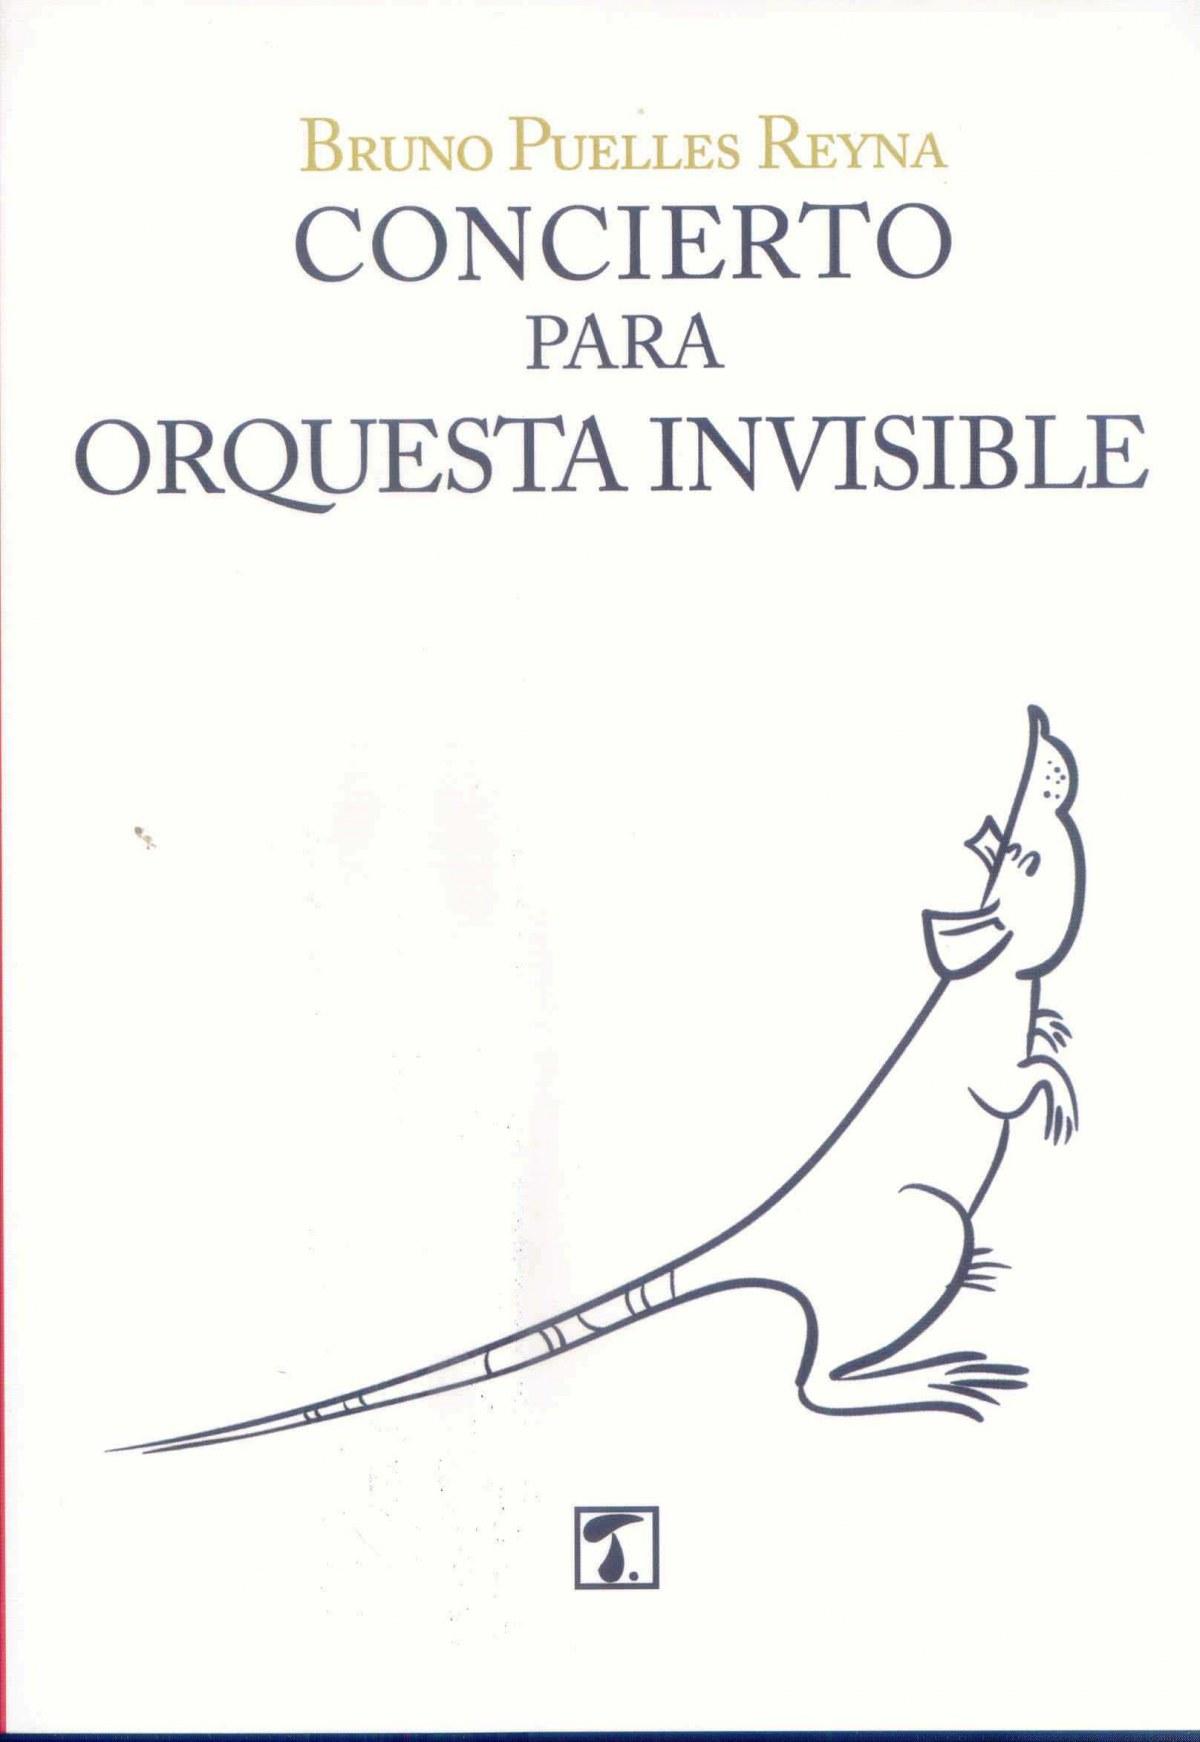 Concierto para orquesta invisible